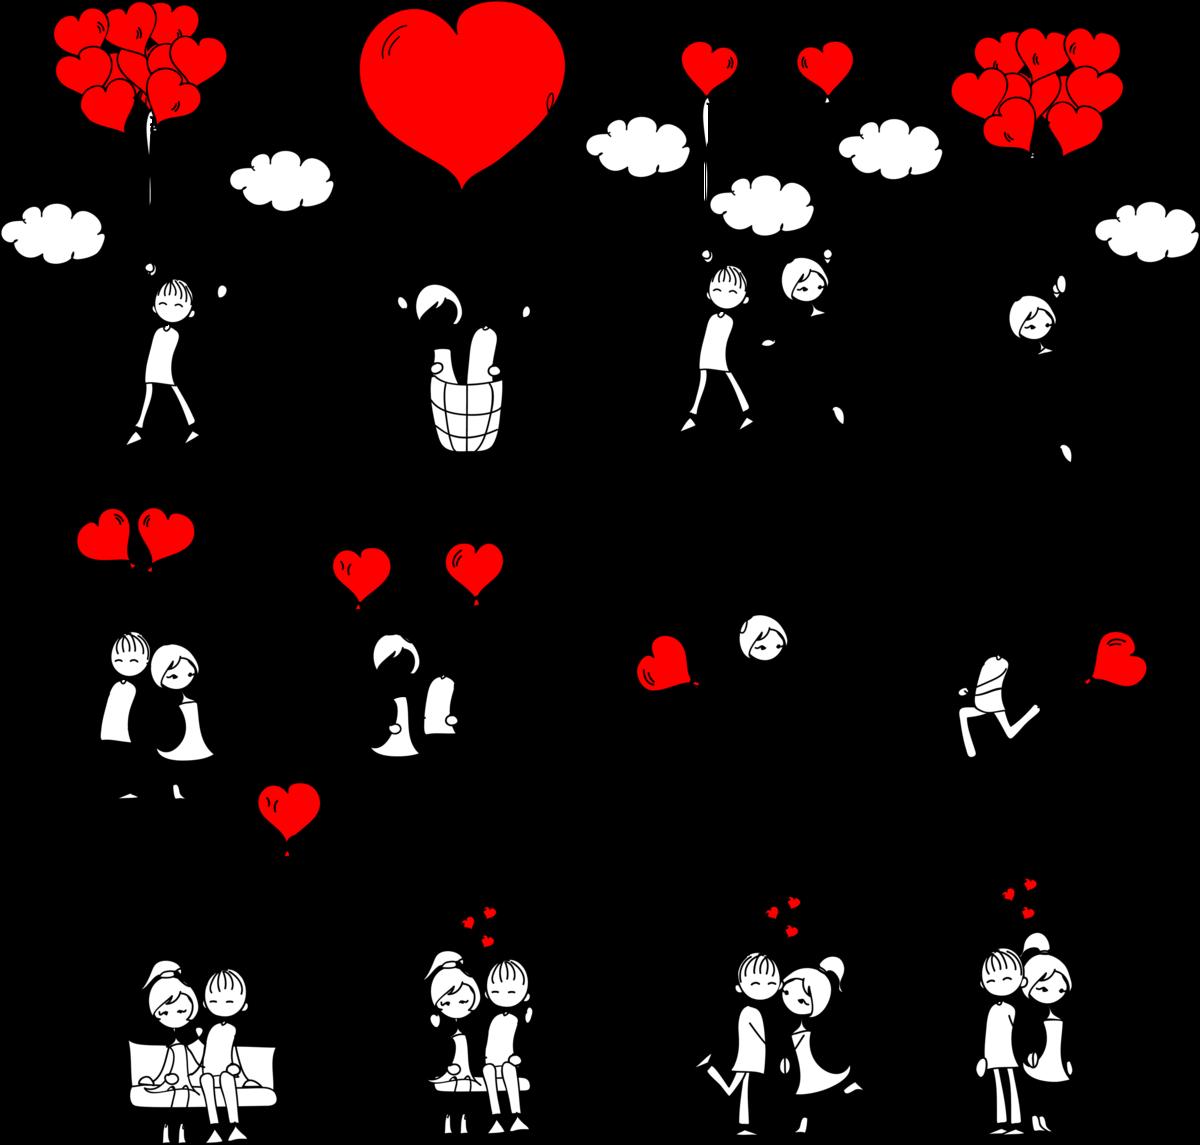 Прикольные нарисованные картинки про любовь, открытки